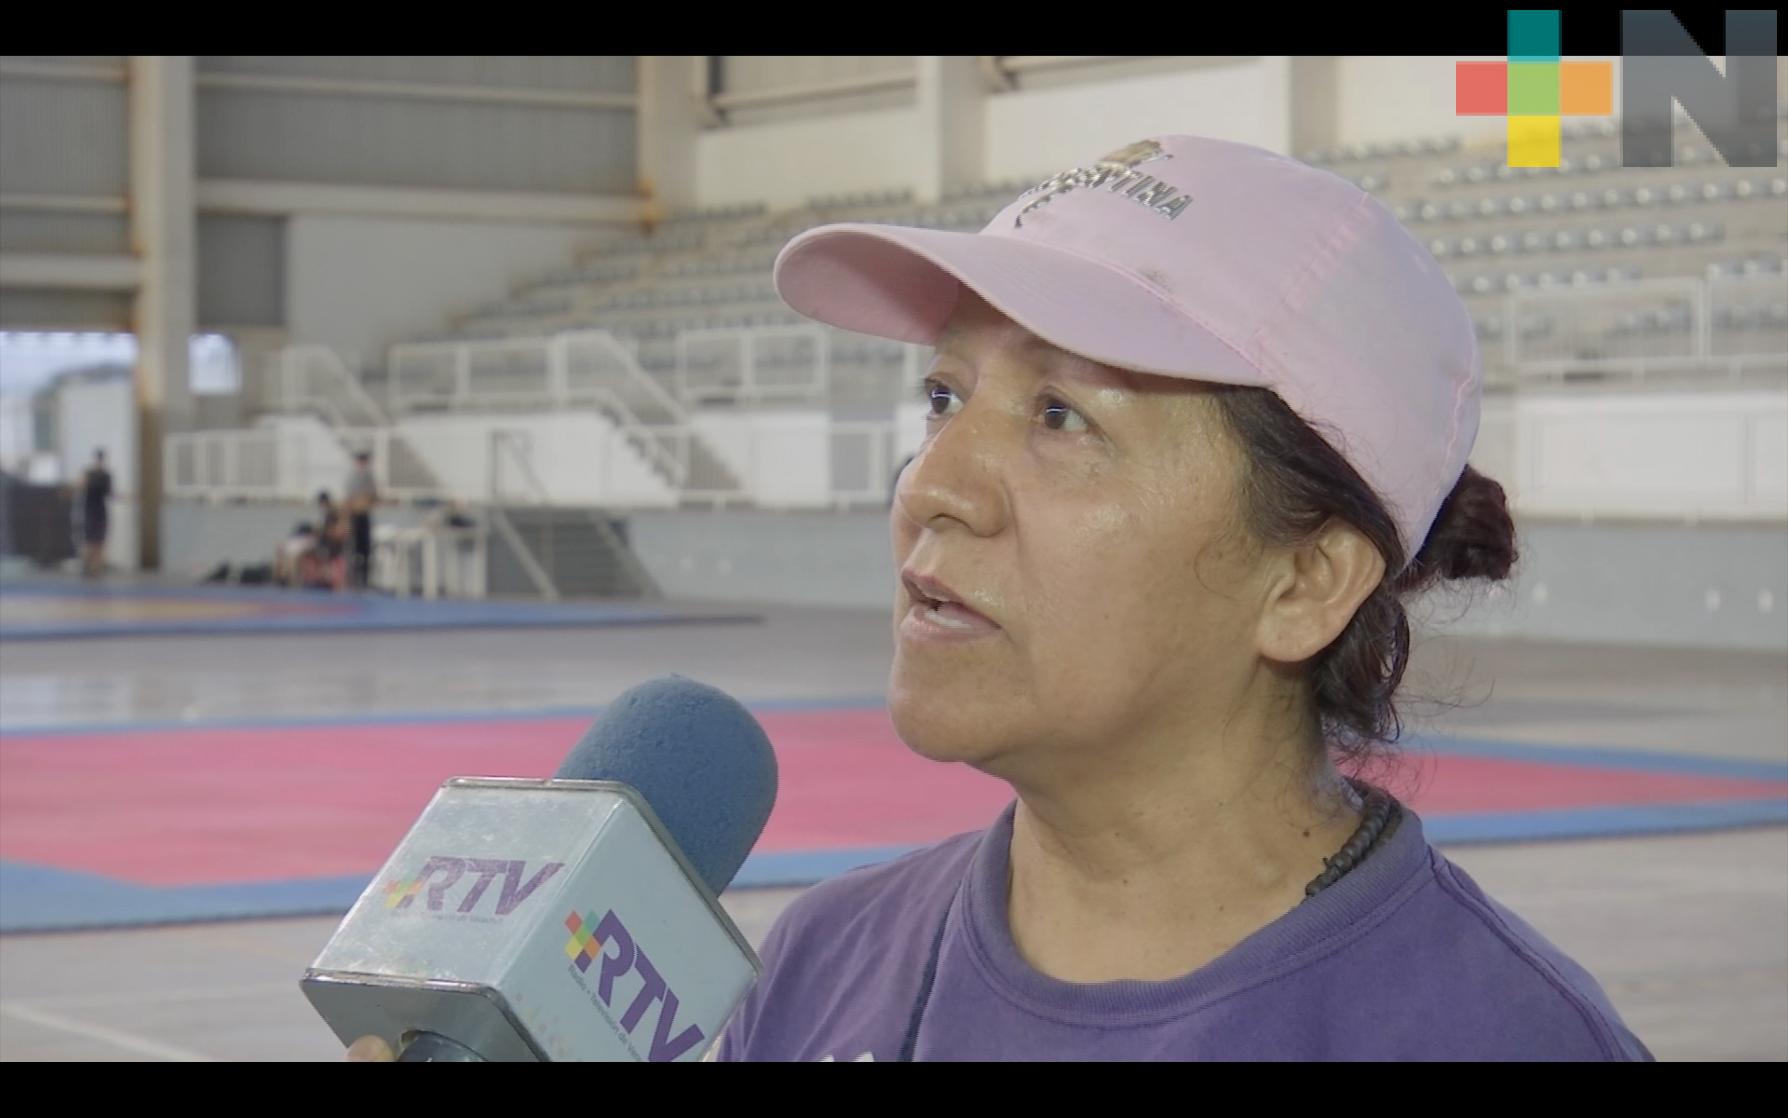 Destacó Veracruz con dos oros en Festival Olímpico de Boxeo